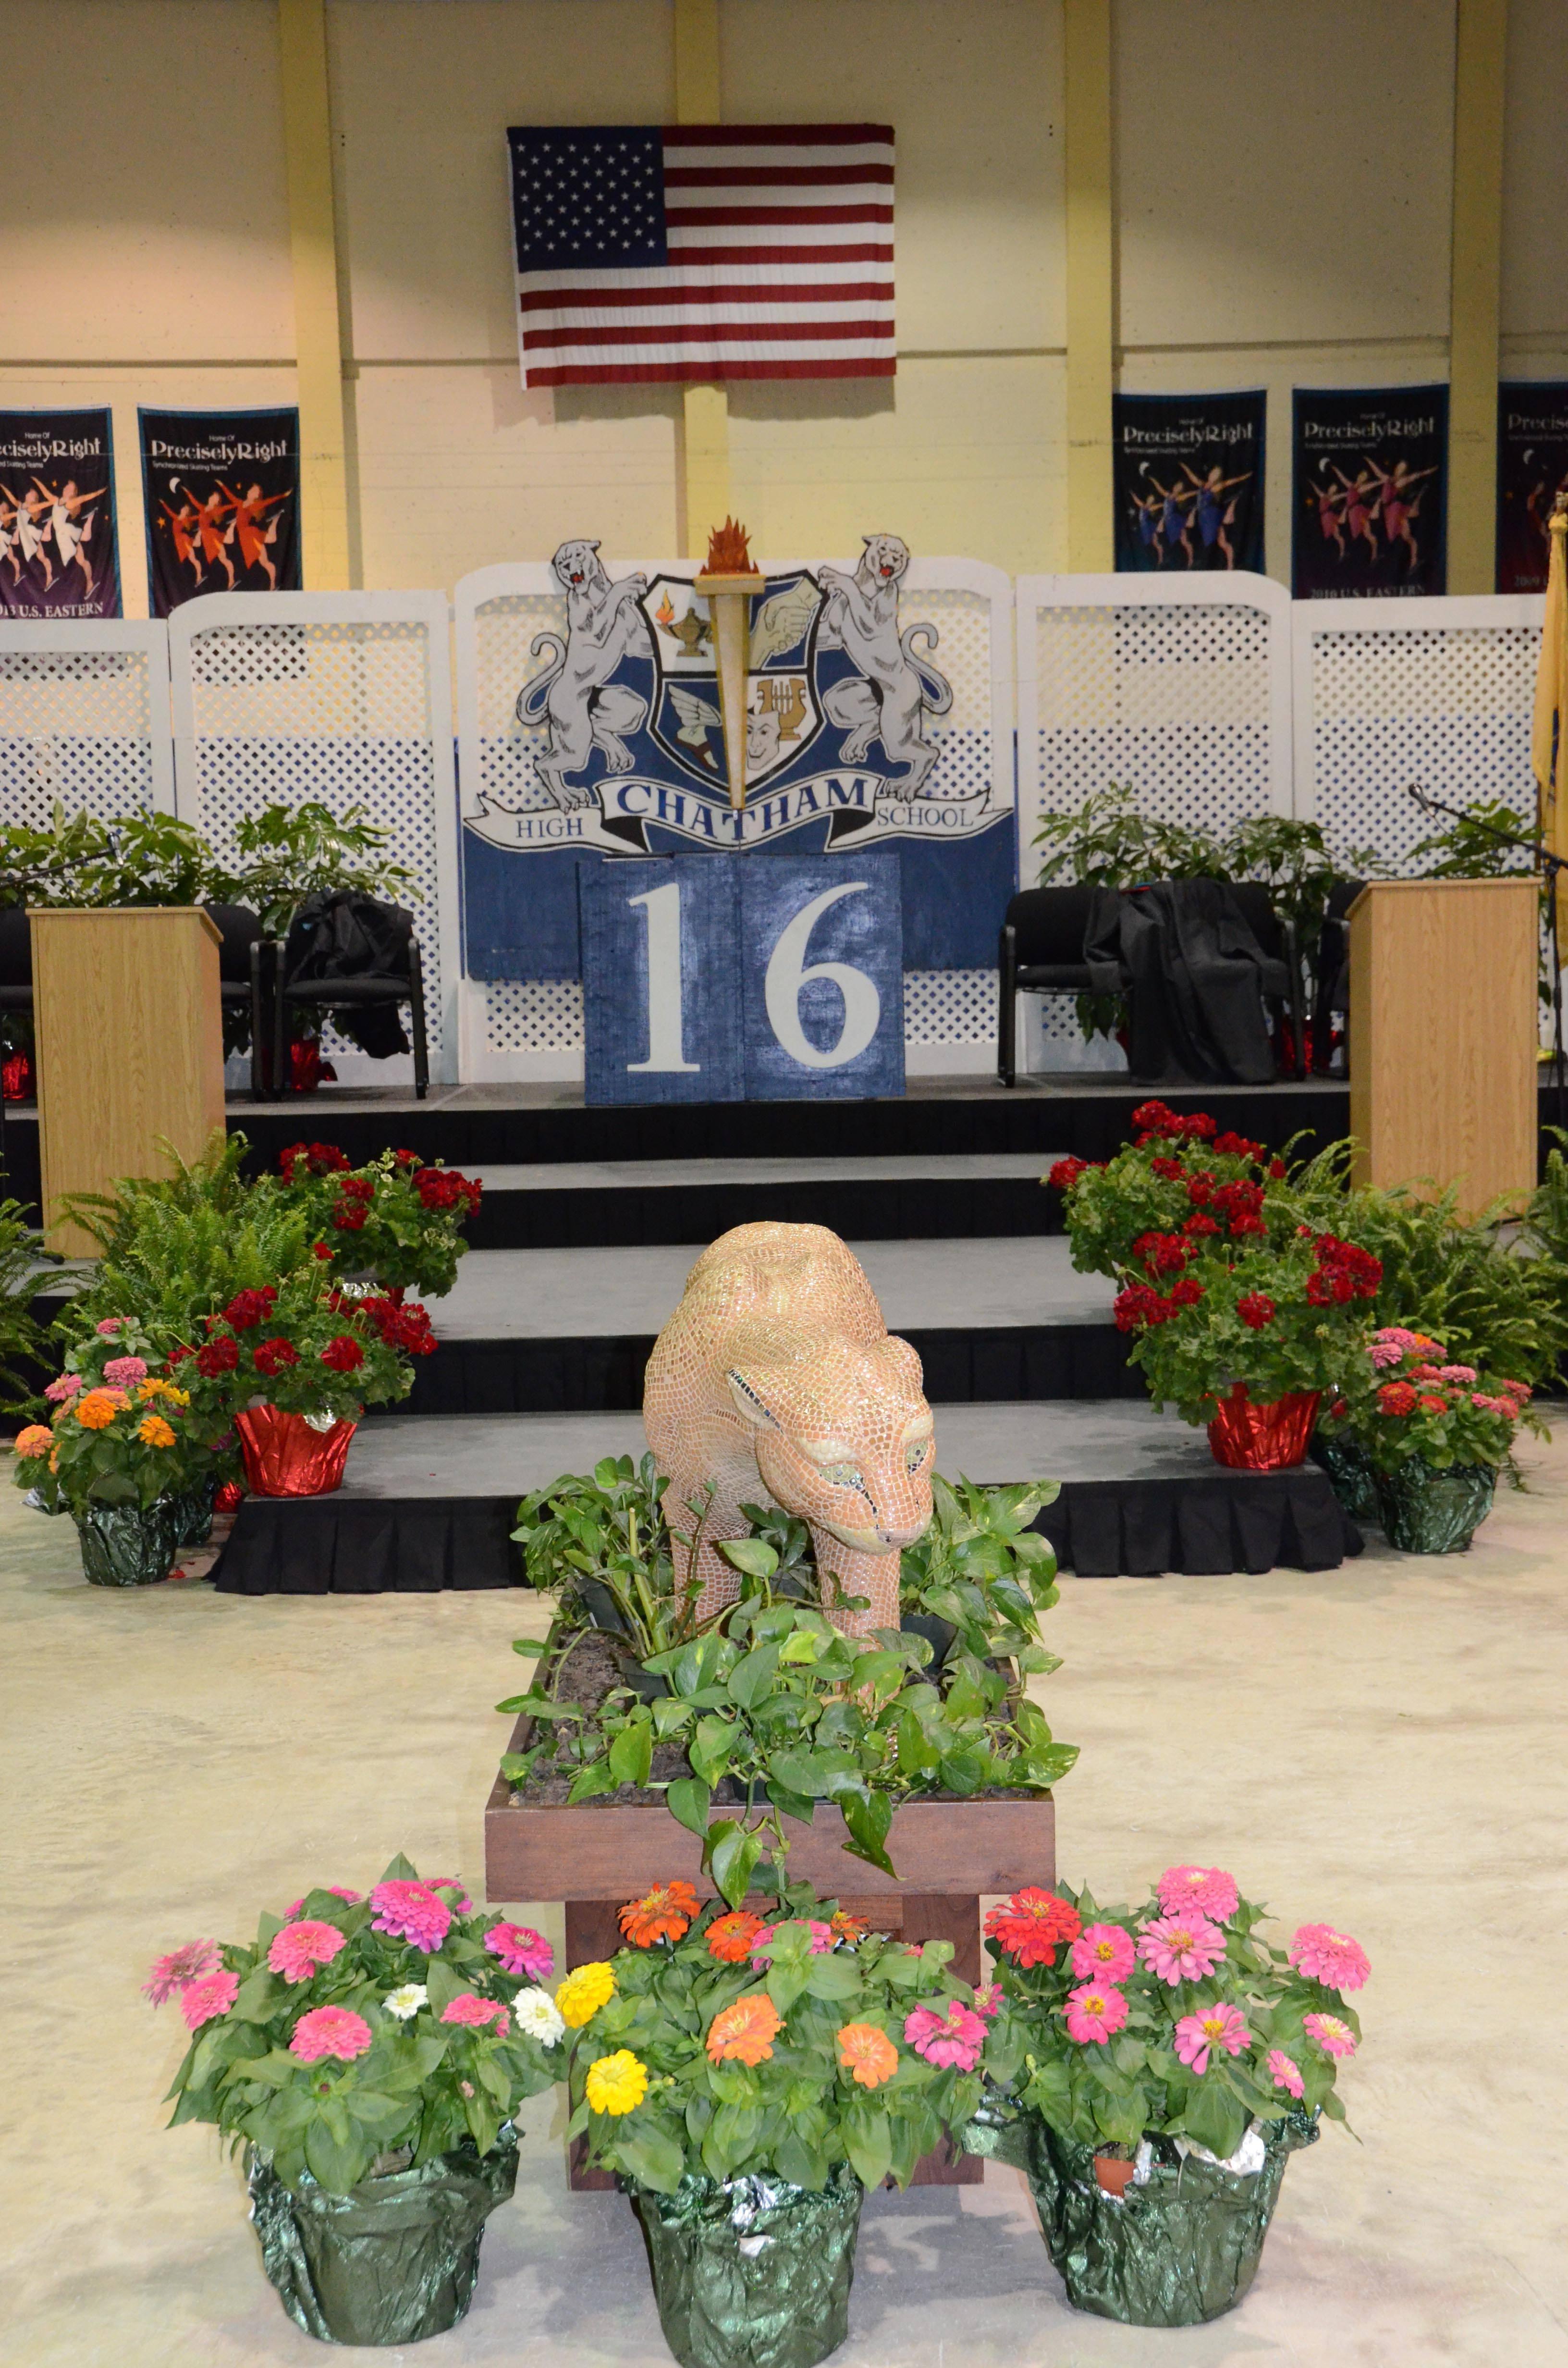 a1647fba8610f86f5937_CHS_Graduation_2016_ACZ_DSC_1996.jpg